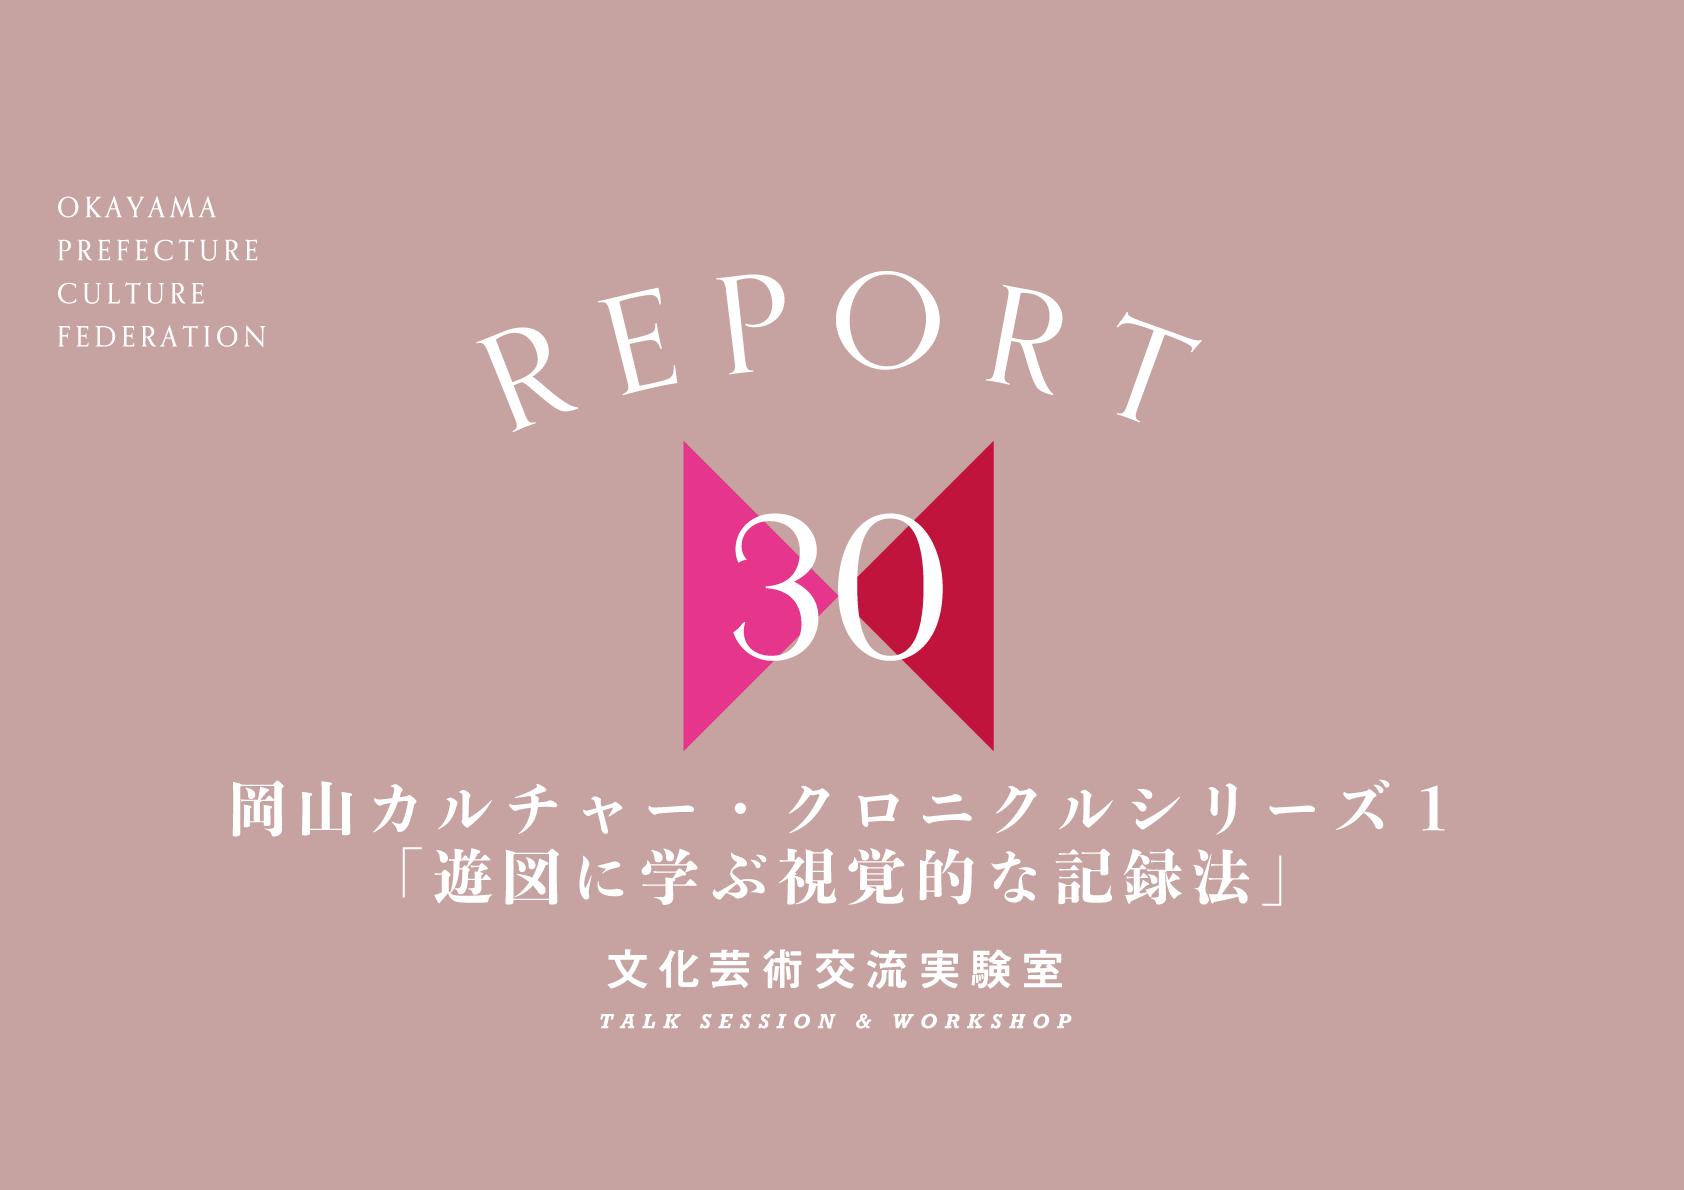 レポート「岡山カルチャー・クロニクルシリーズ1 『遊図に学ぶ視覚的な記録法』」